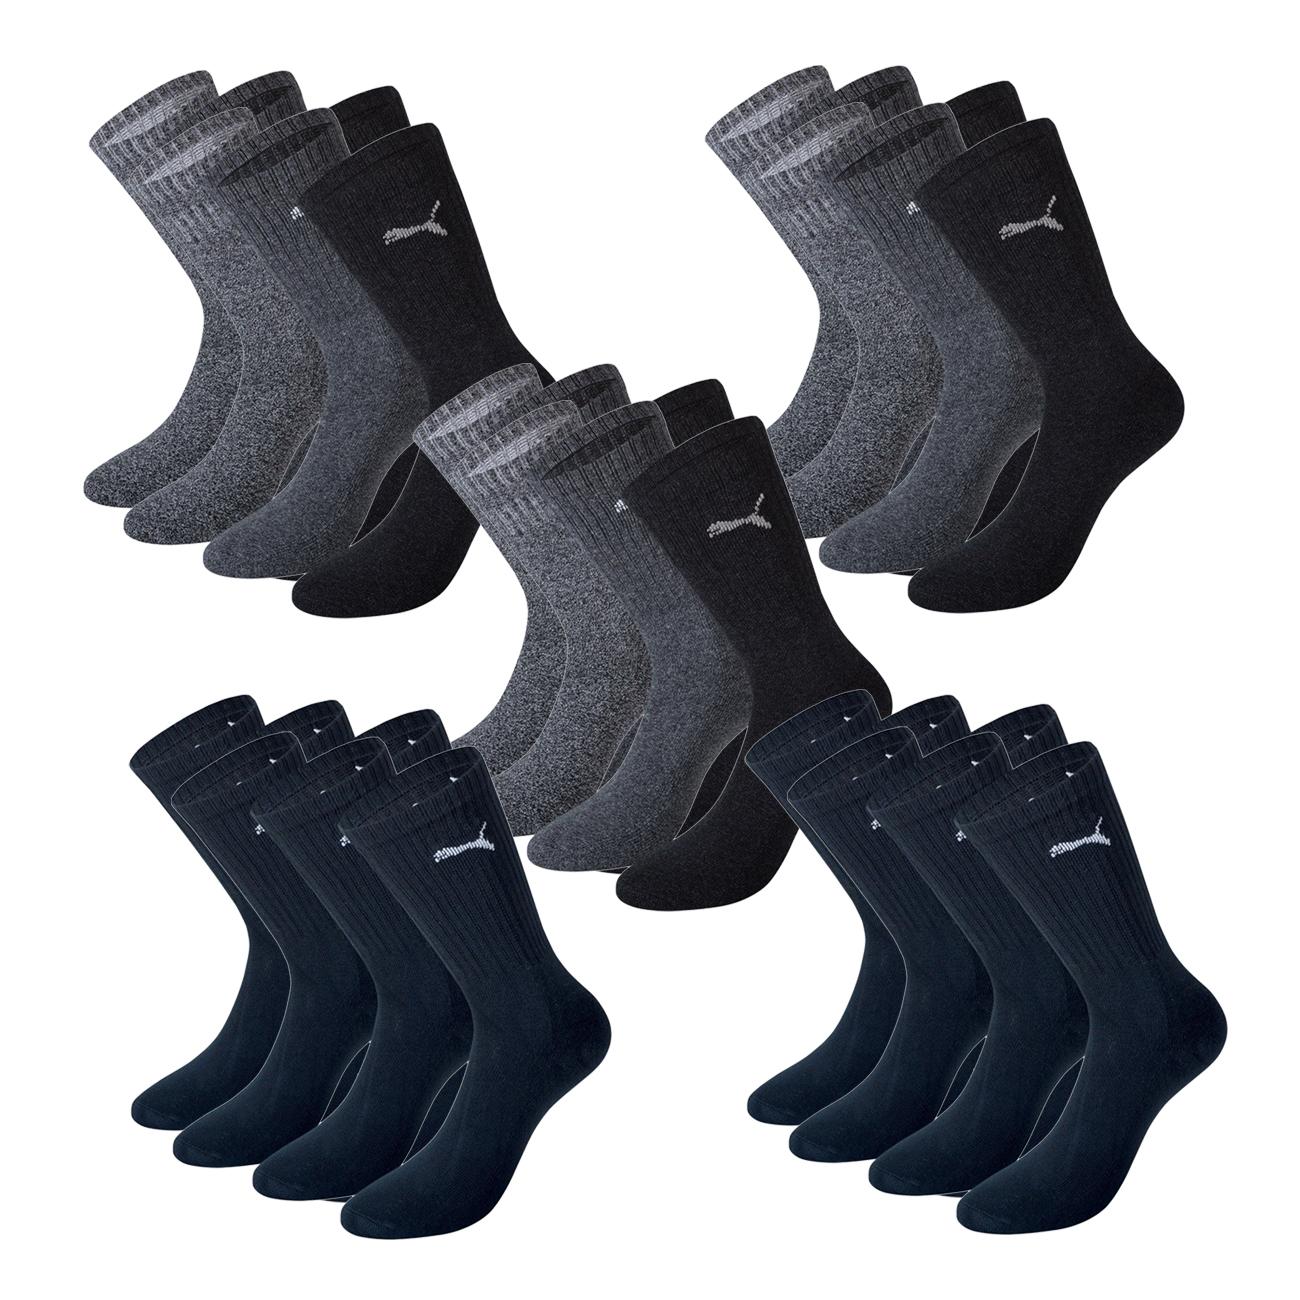 Puma Unisex Crew Socken Basic Sportsocken 15er Pack